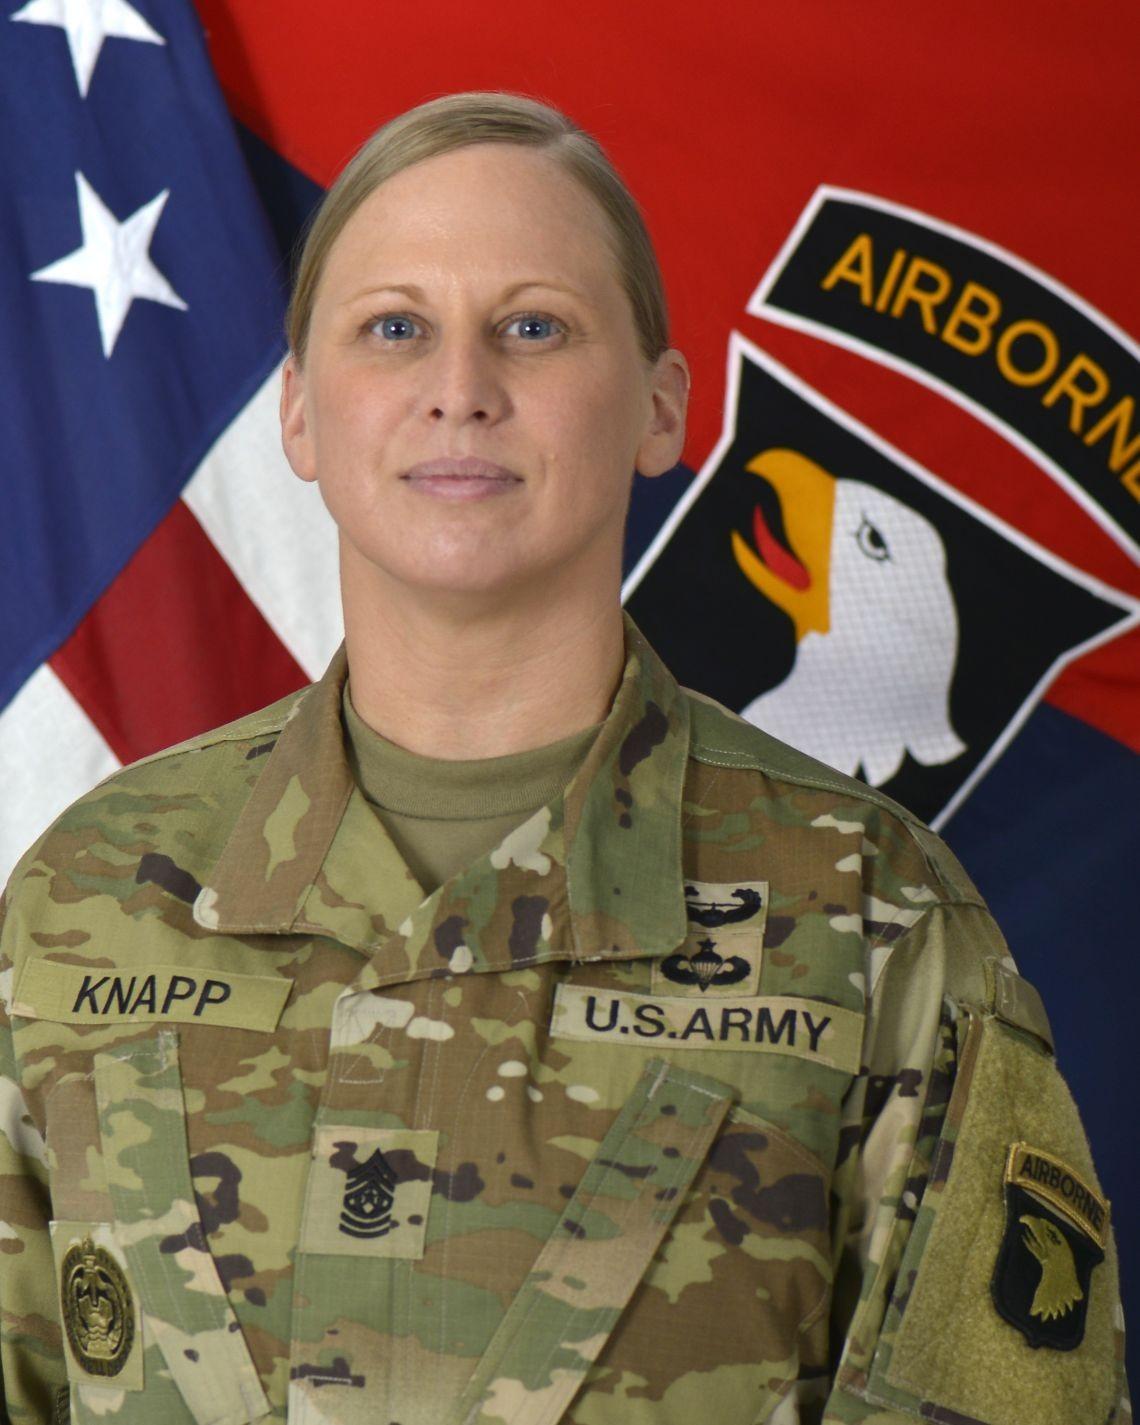 Command Sgt. Maj. Veronica Knapp